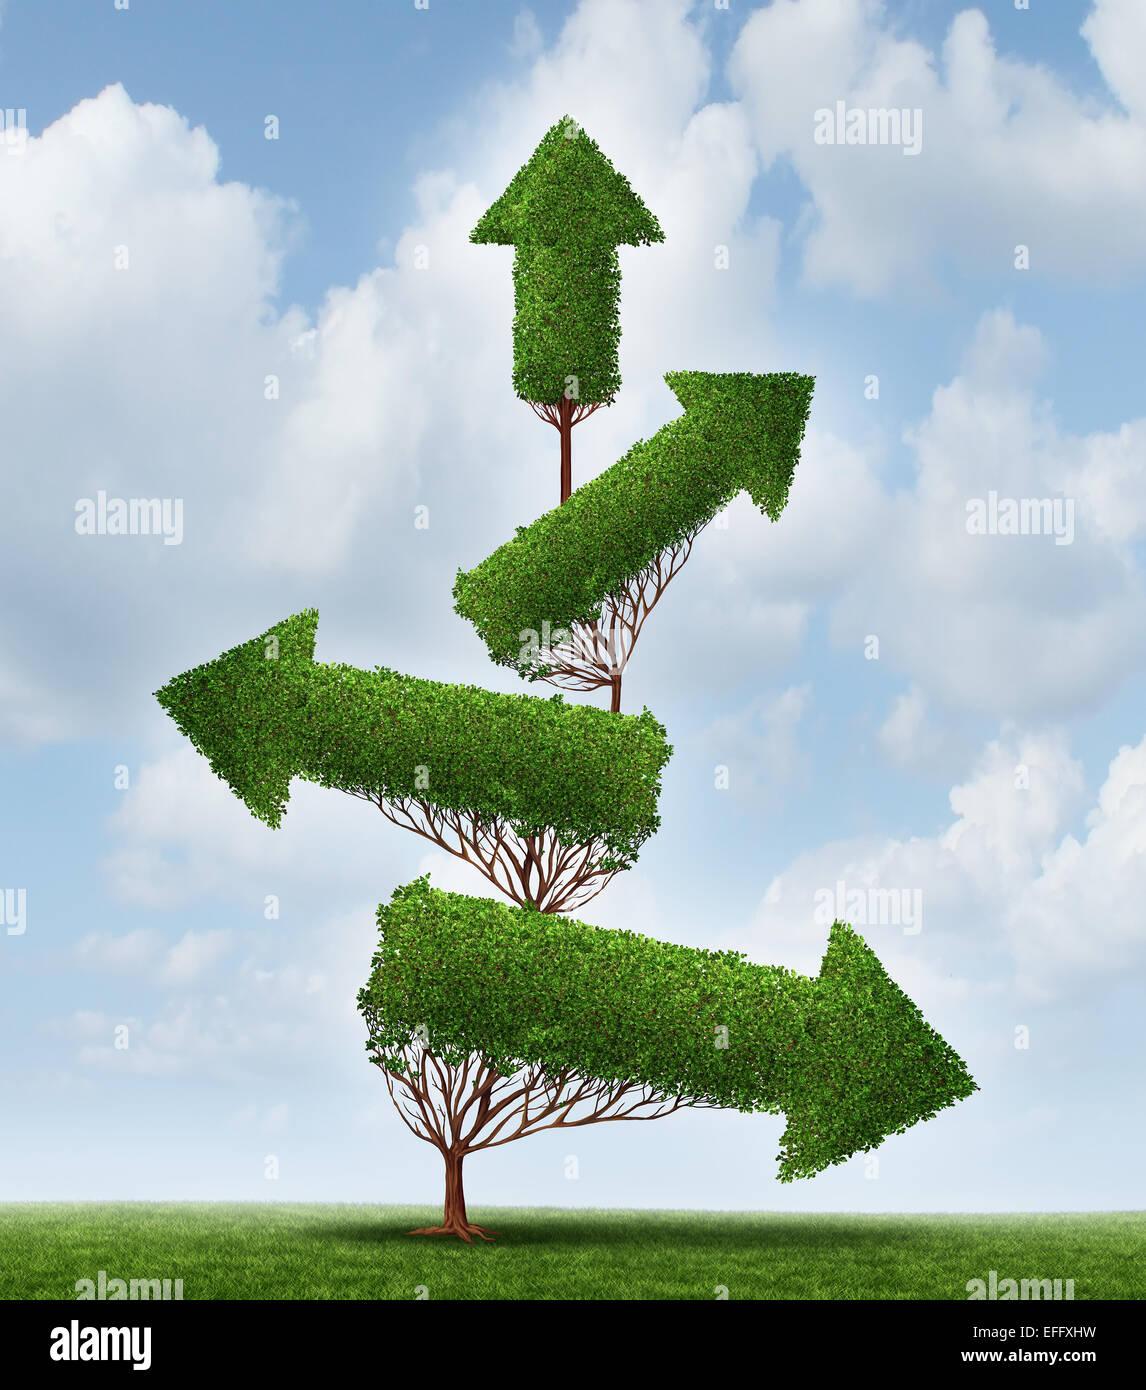 Recupero e successo il concetto di business come un albero di freccia rivolta verso il basso recuperando progressivamente Immagini Stock